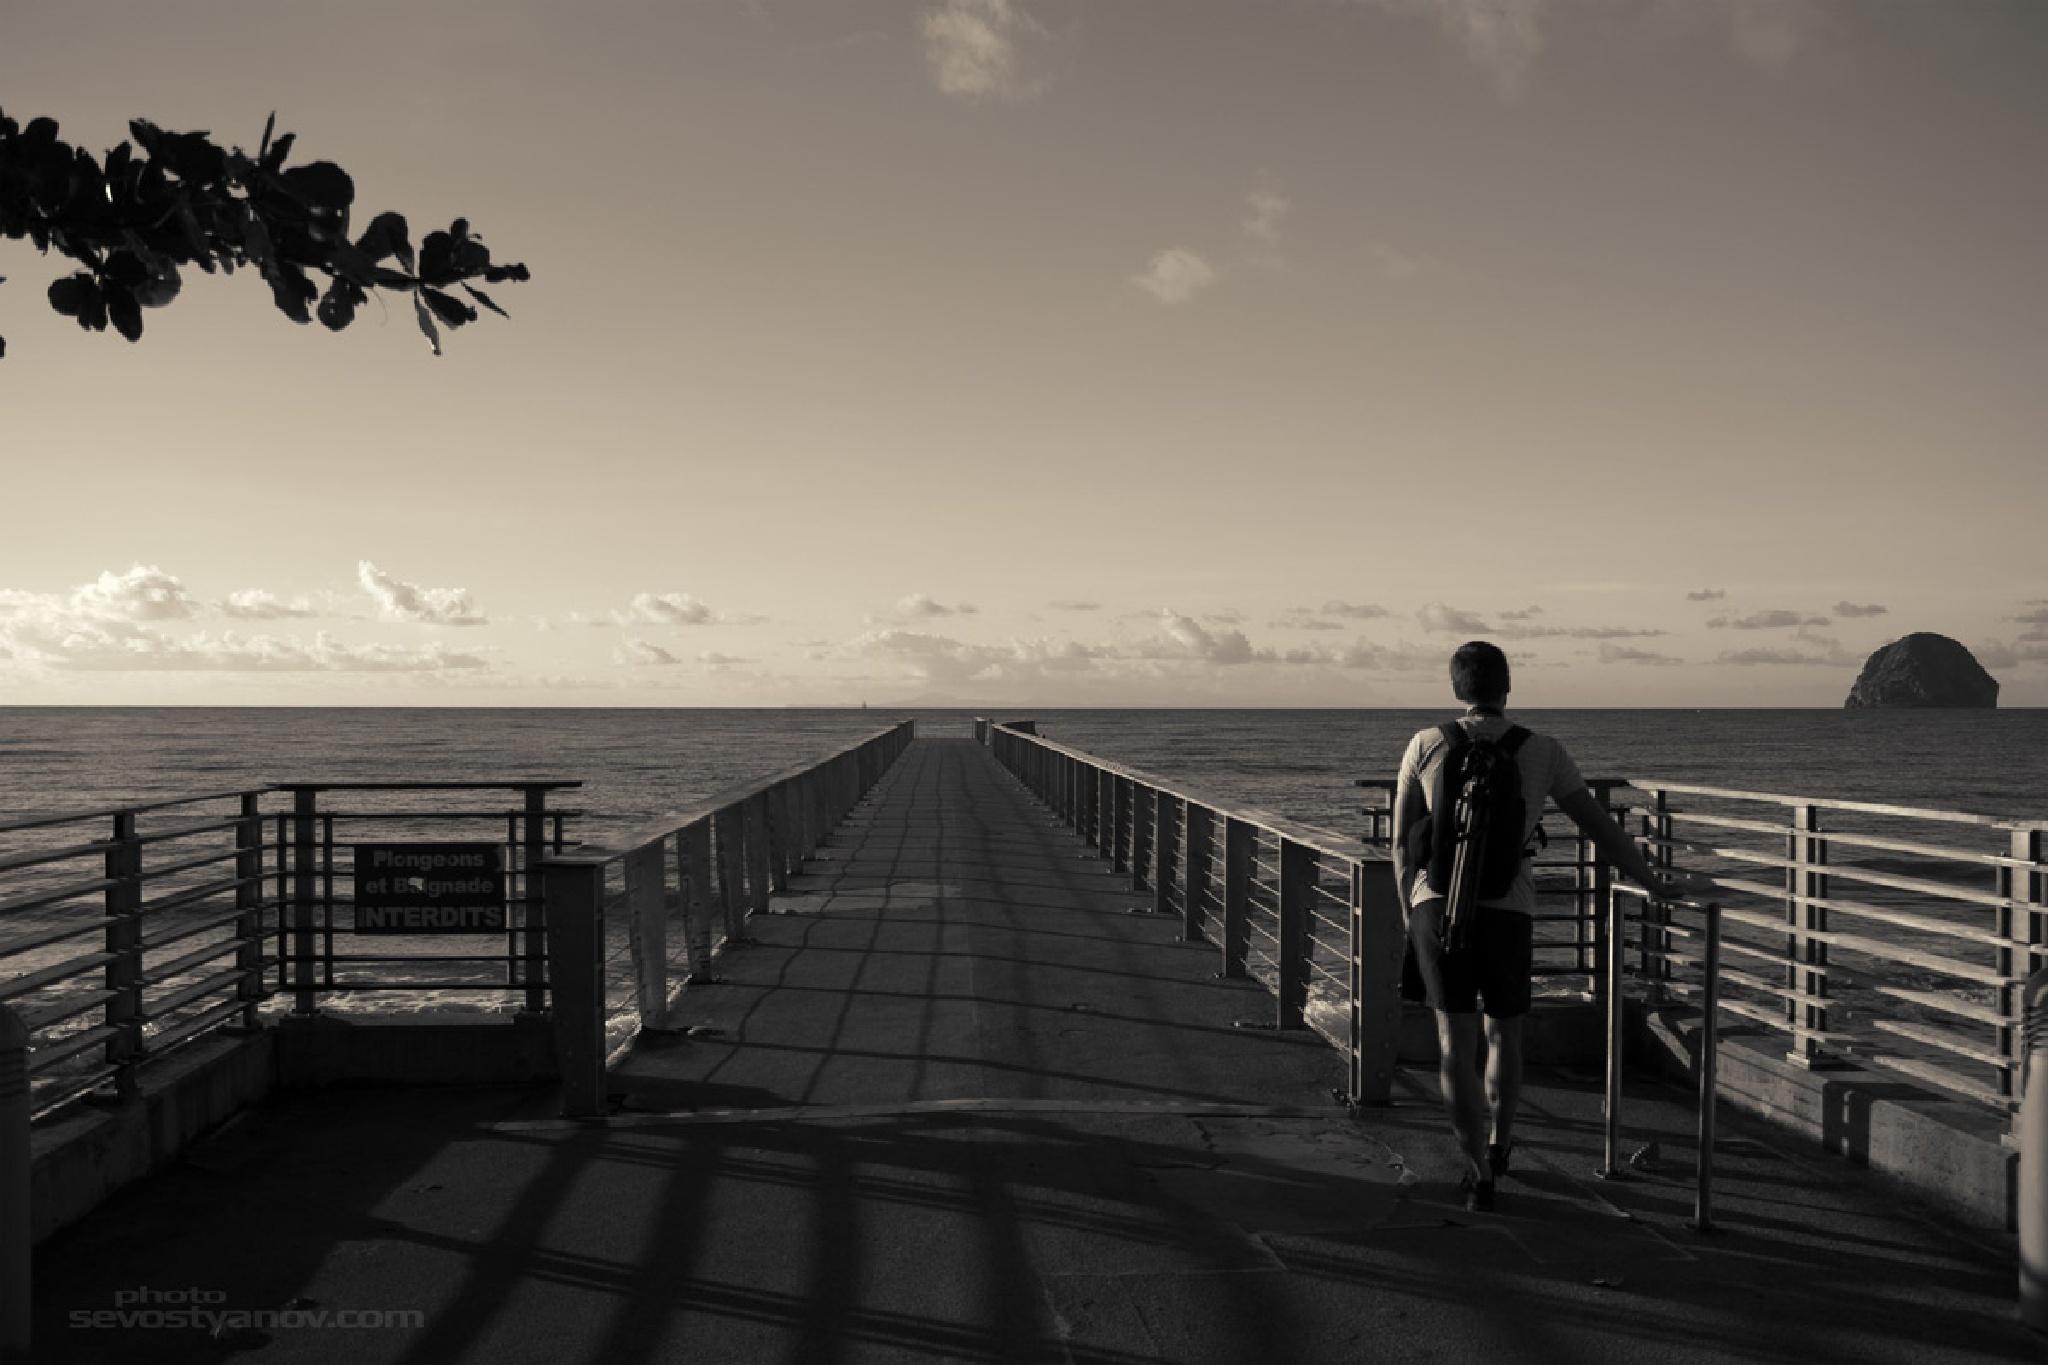 Man On Pier by cinema4design